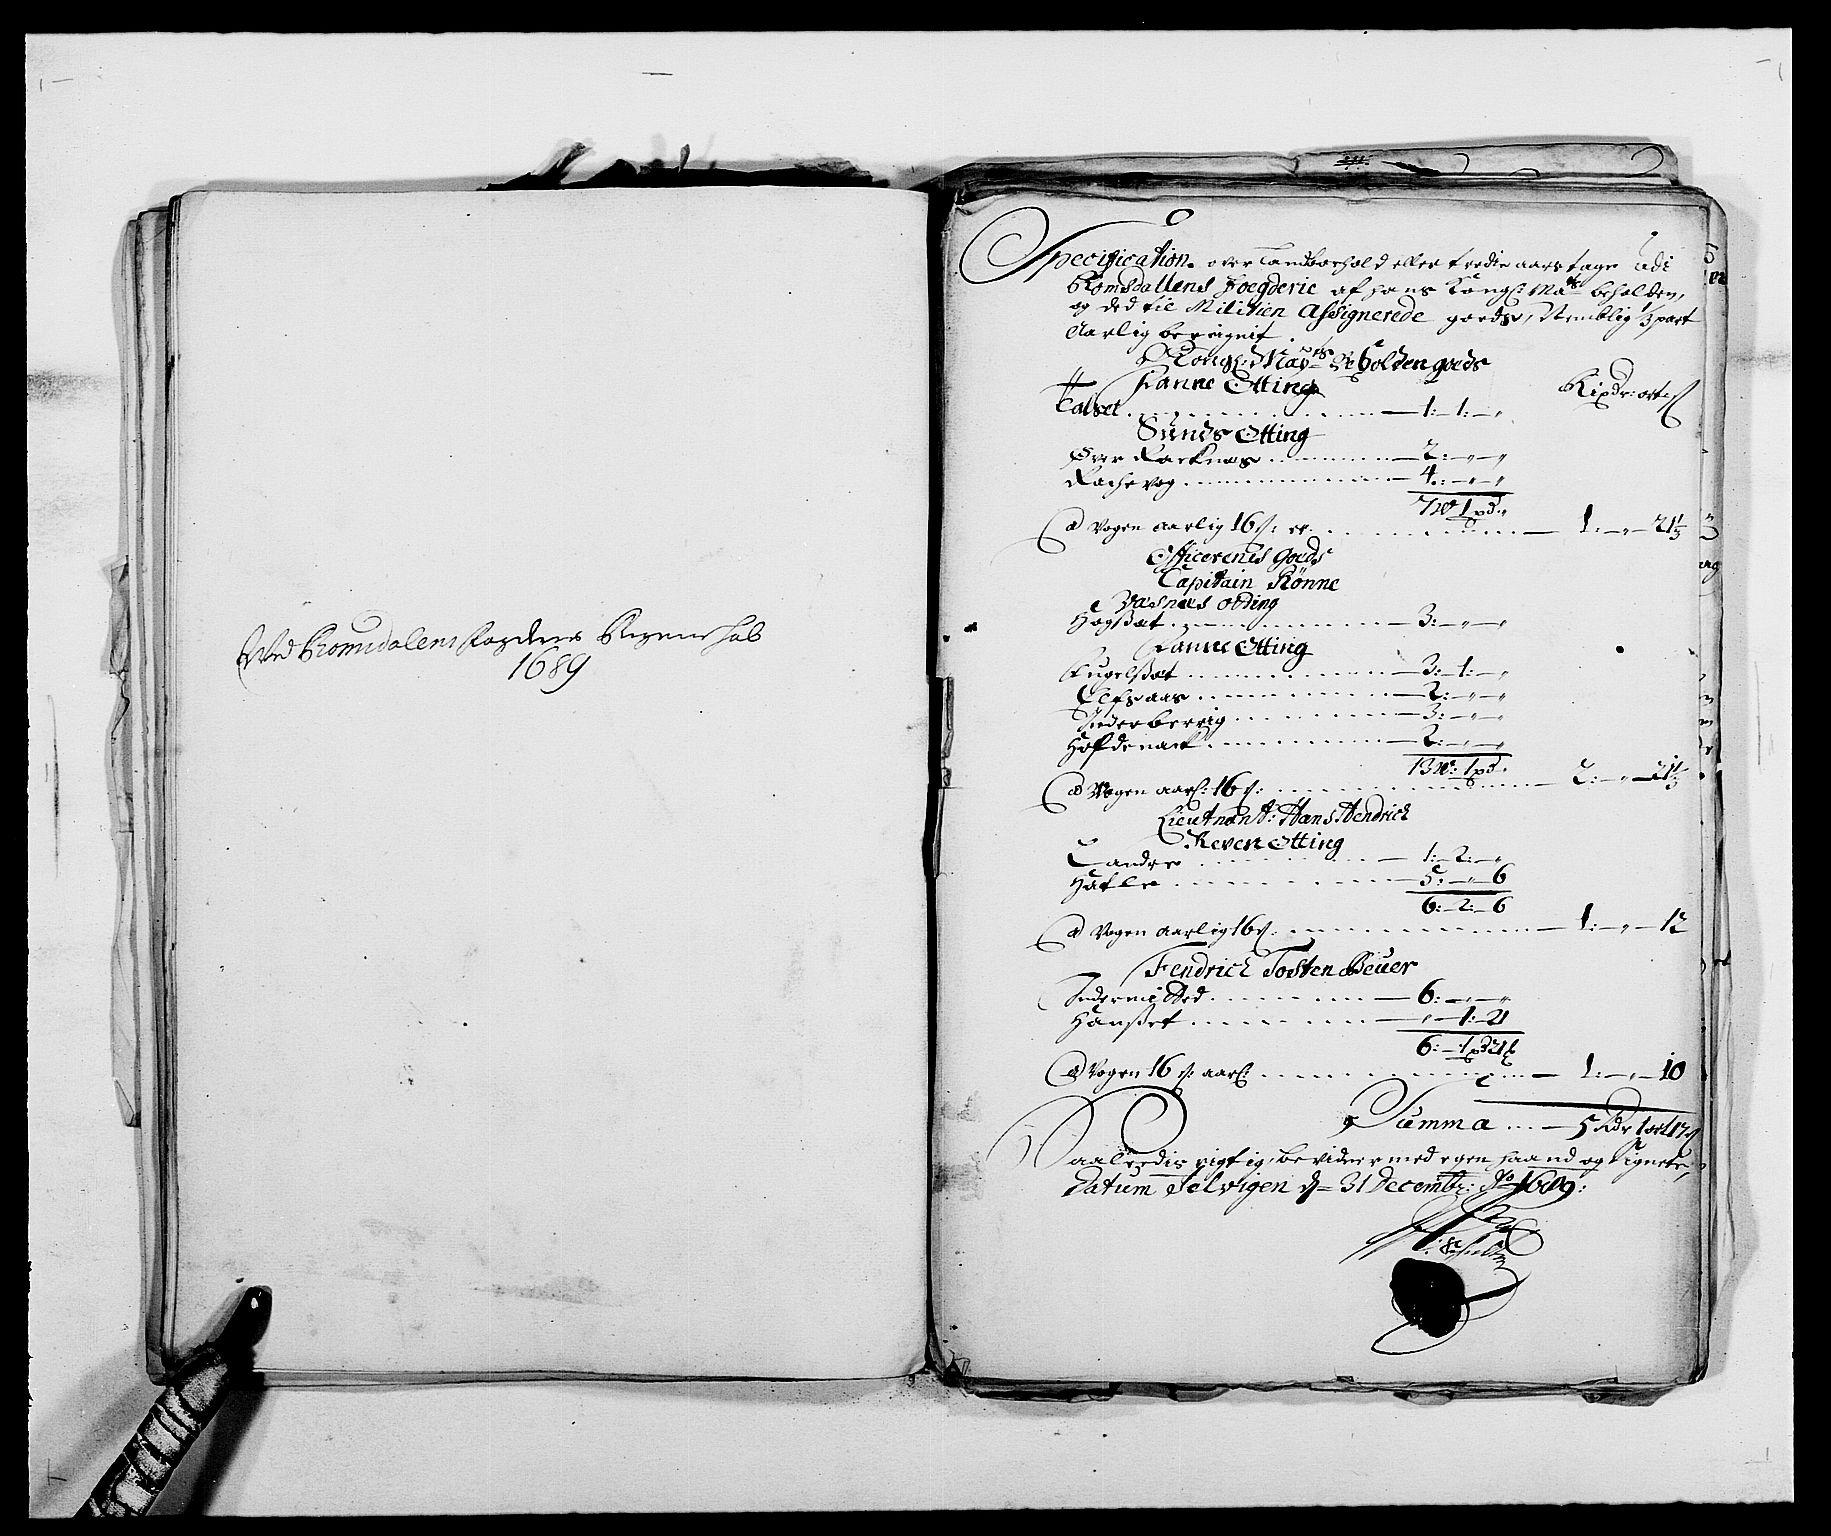 RA, Rentekammeret inntil 1814, Reviderte regnskaper, Fogderegnskap, R55/L3648: Fogderegnskap Romsdal, 1687-1689, s. 394